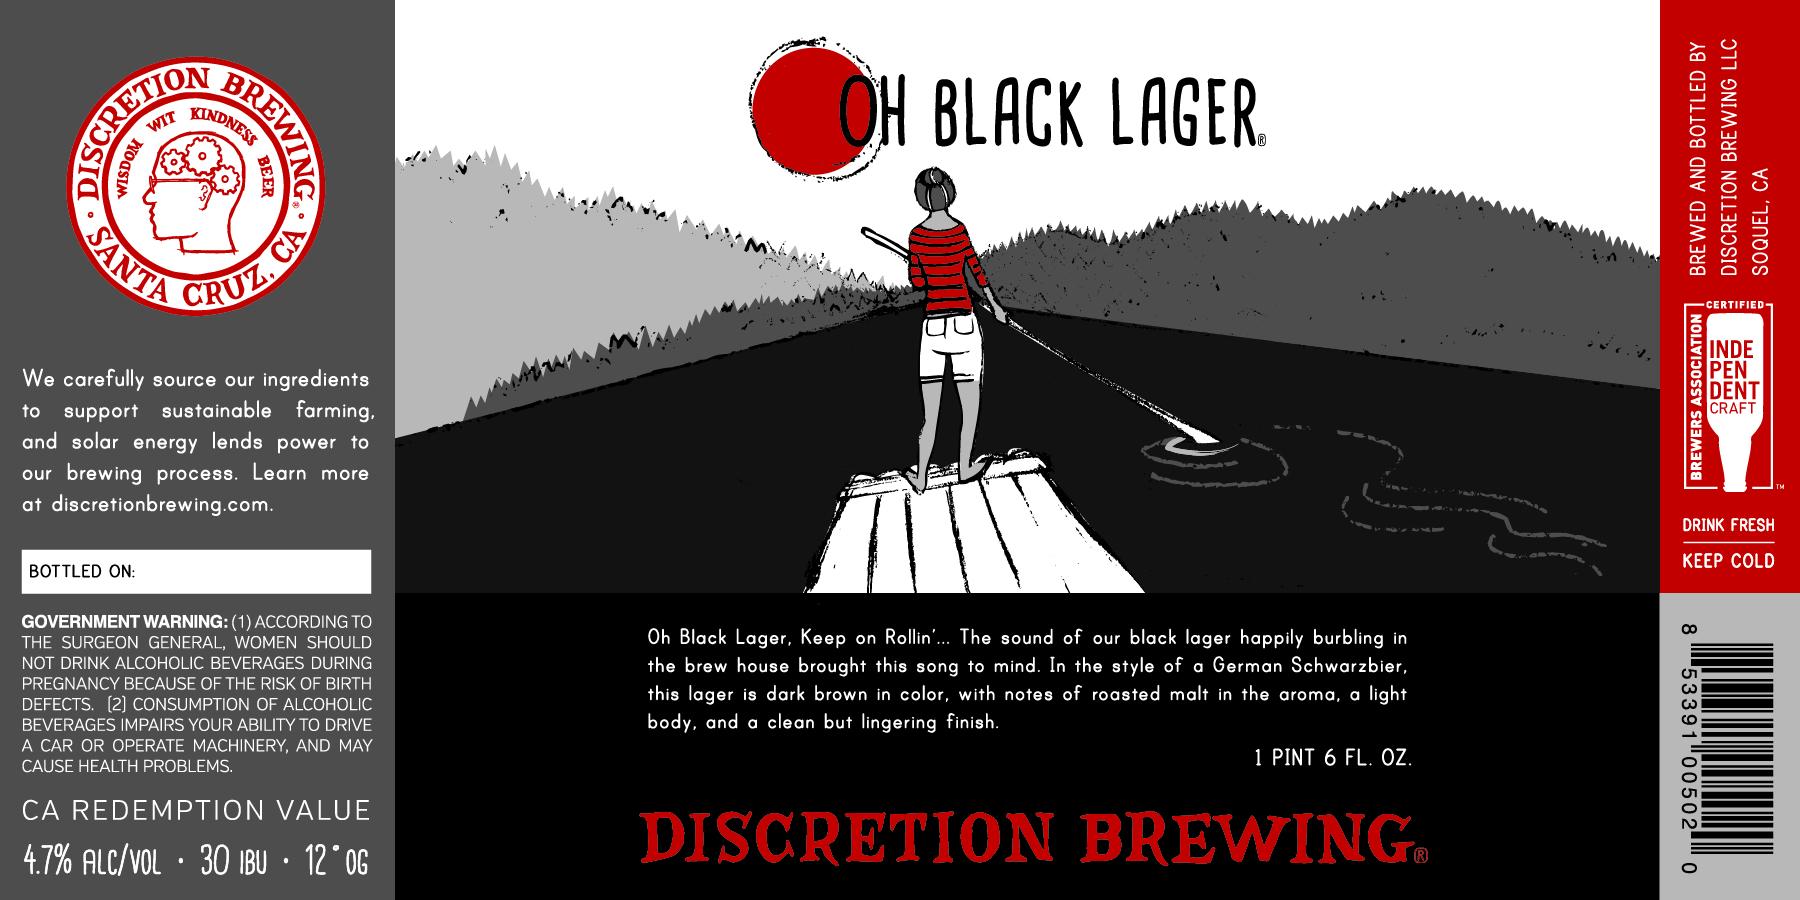 oh black lager